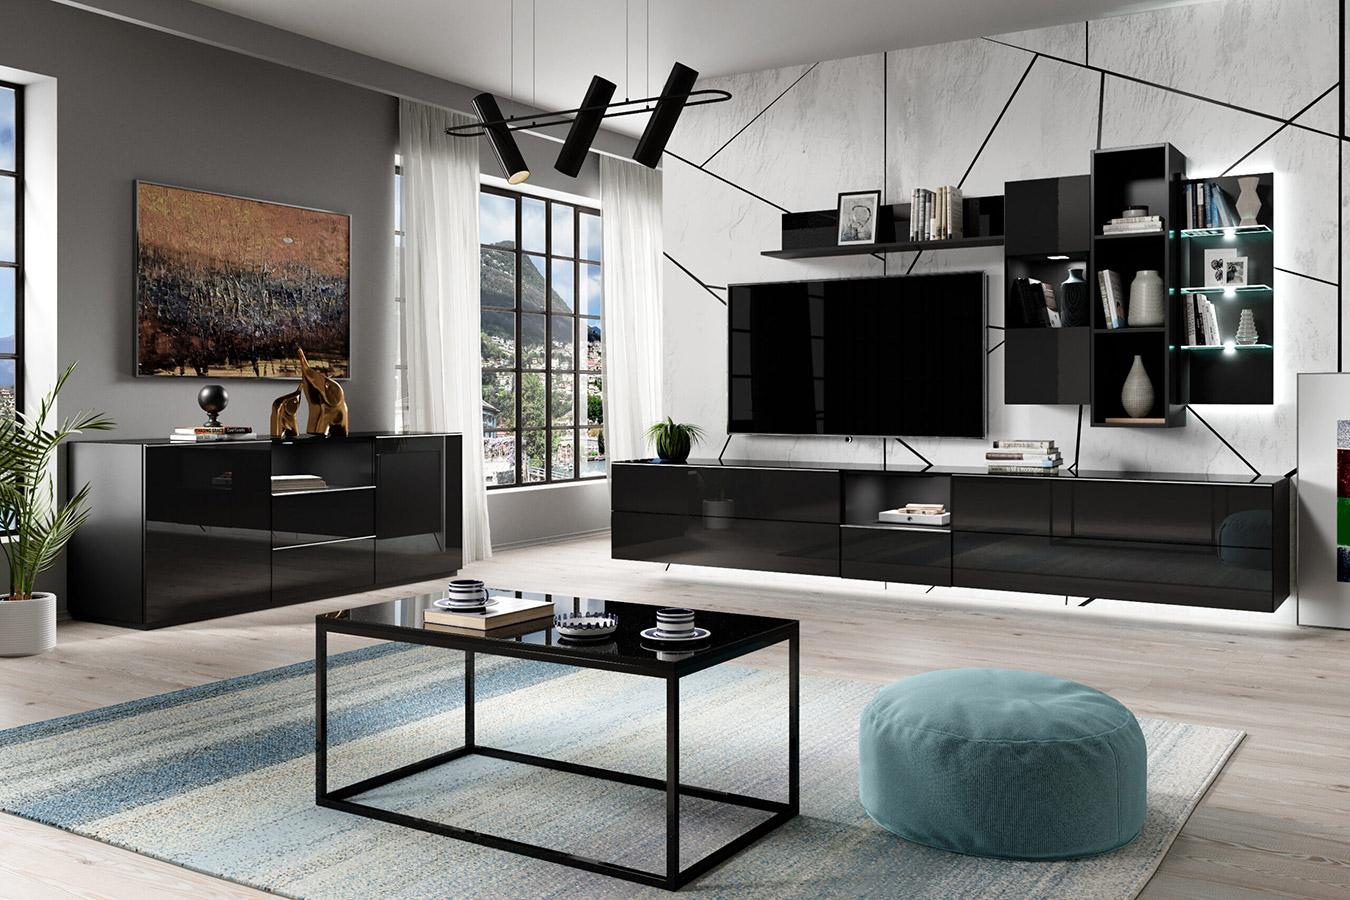 Nábytek v nadčasovém designu